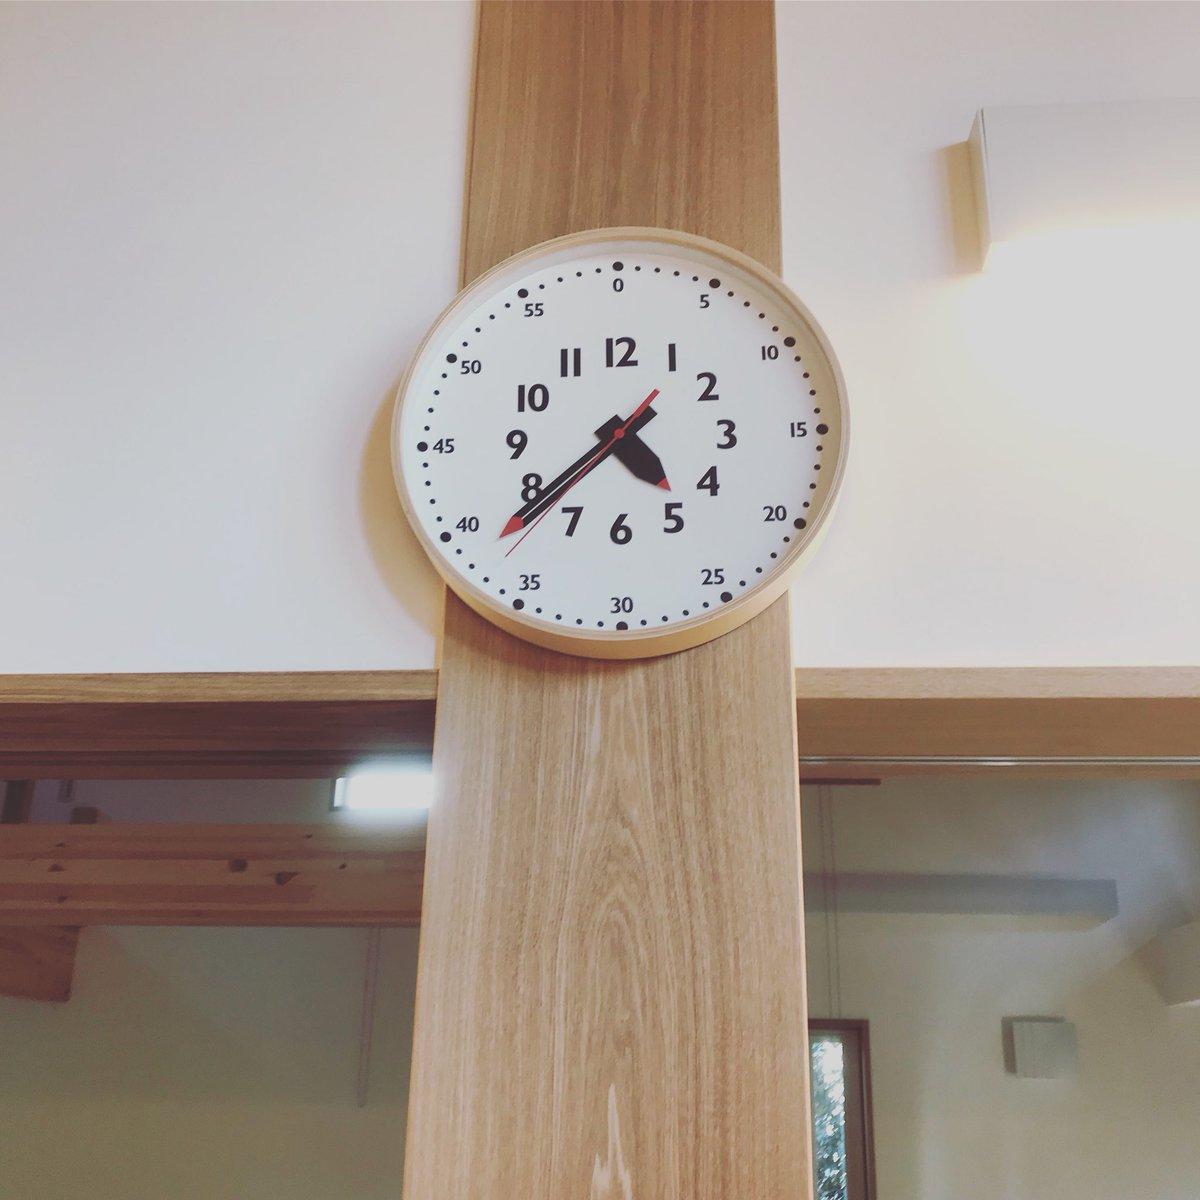 この時計、子供にも時間読めれるように工夫されてるし、こどもこどもしてないデザインだから大人にも優しいし、ほんっと、デザインの力って偉大だなーって思う。うちに来た人に必ず聞かれるけどふんぷんクロックって言うんだよ。